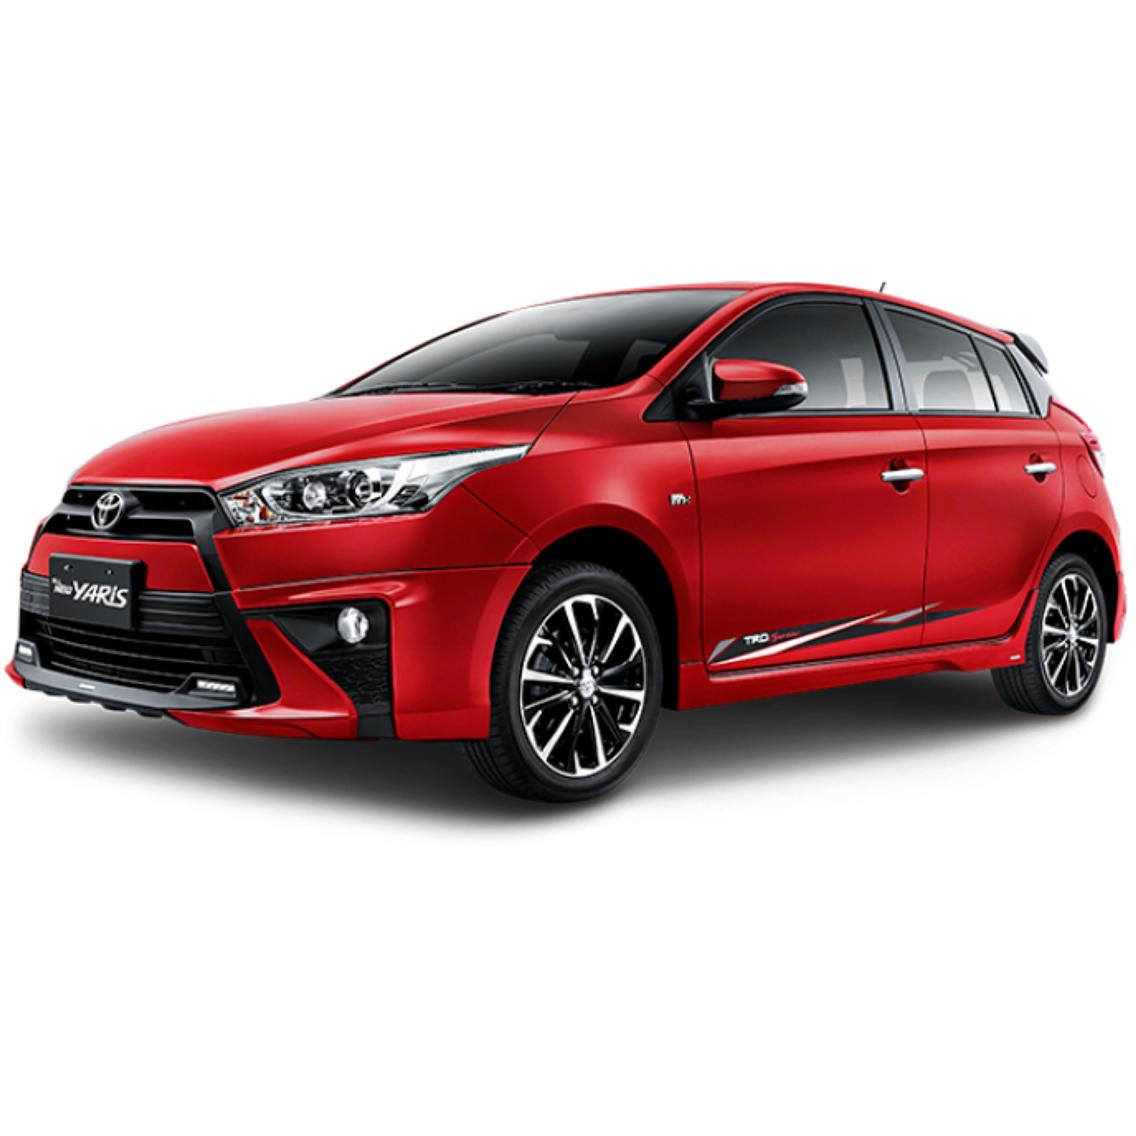 Harga New Yaris Trd 2018 Fog Lamp Grand Avanza Mobil Toyota Semarang Sales Promo Kredit